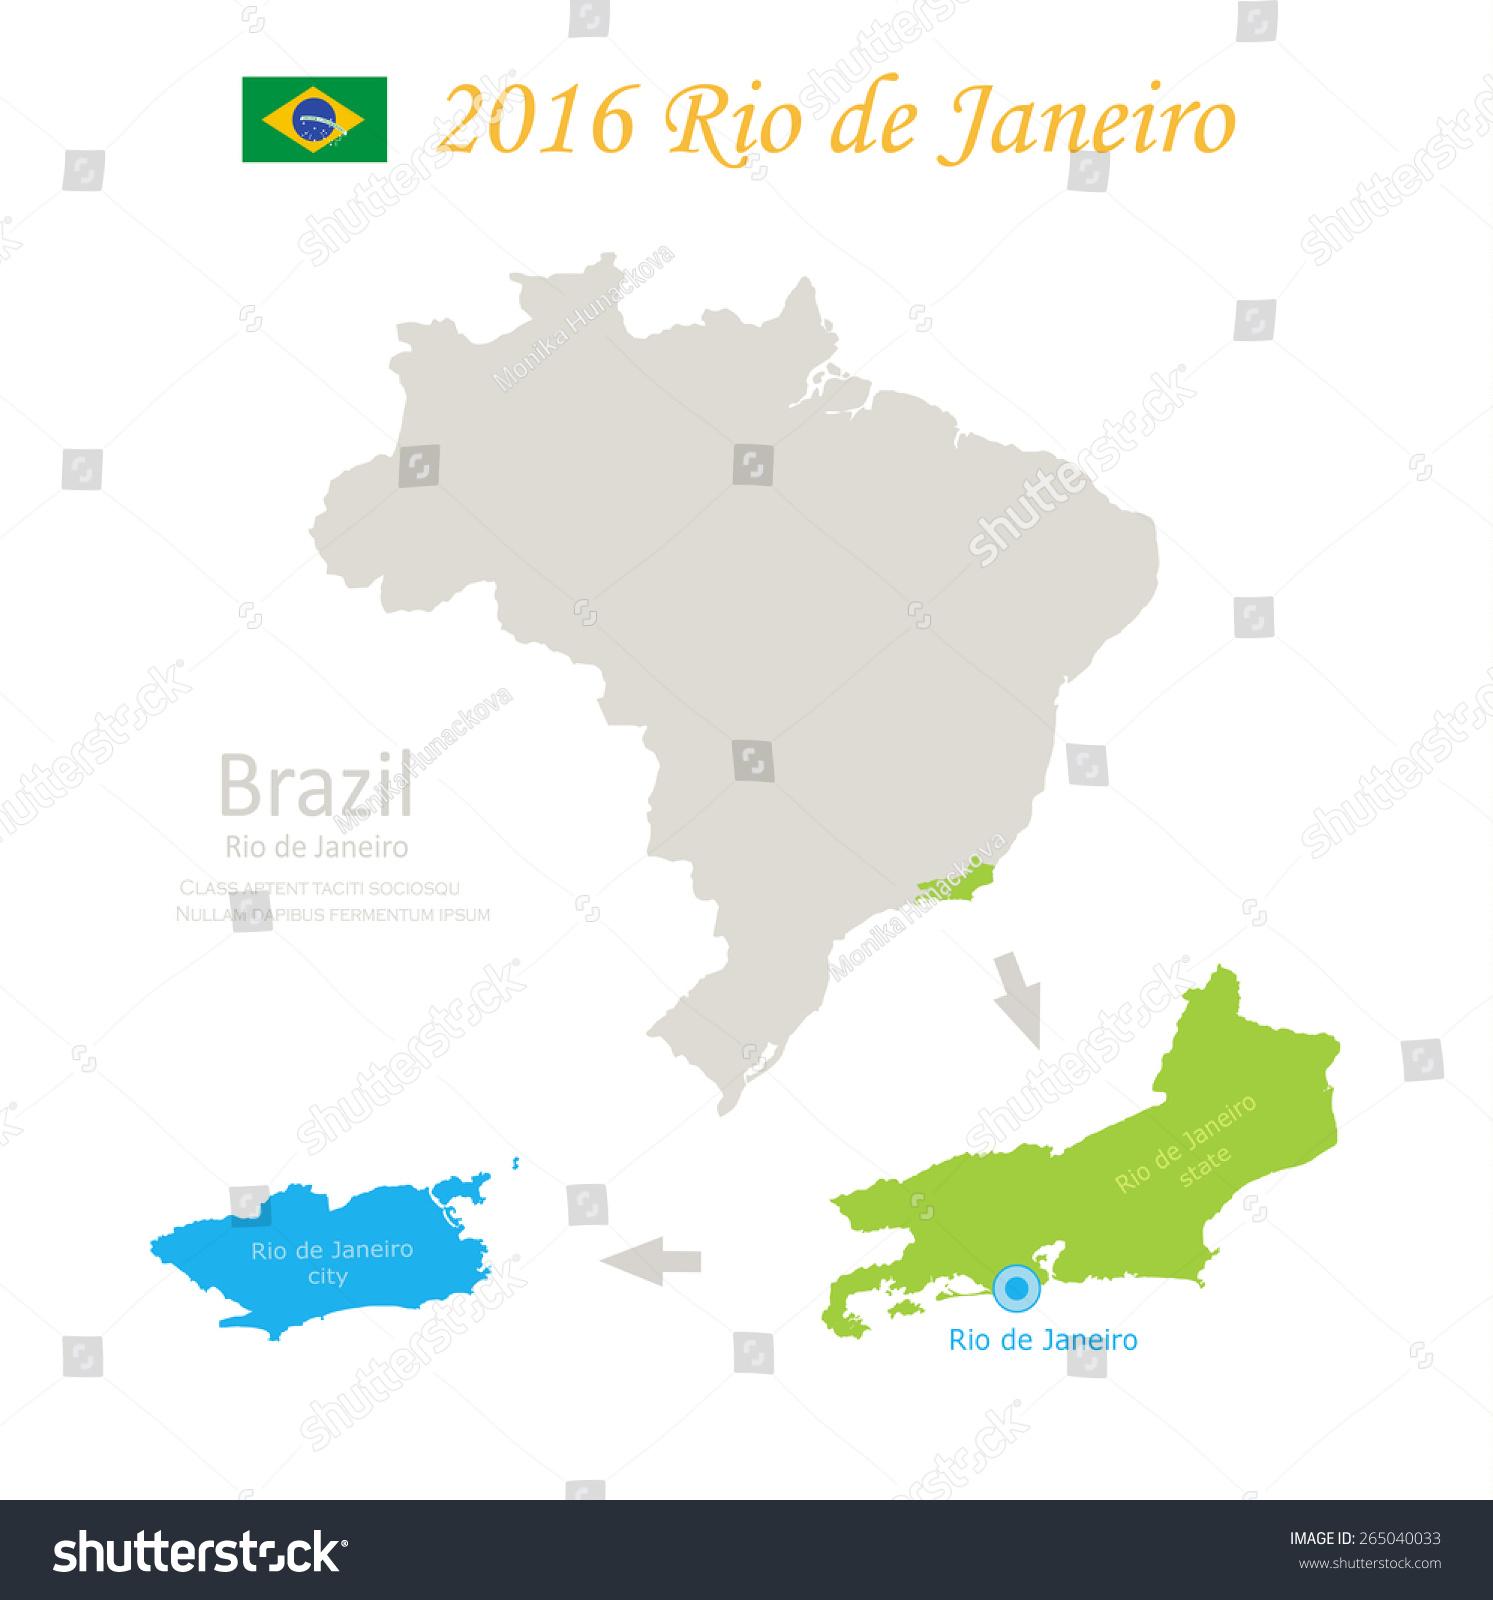 Brazil Rio De Janeiro State City Stock Vector HD Royalty Free